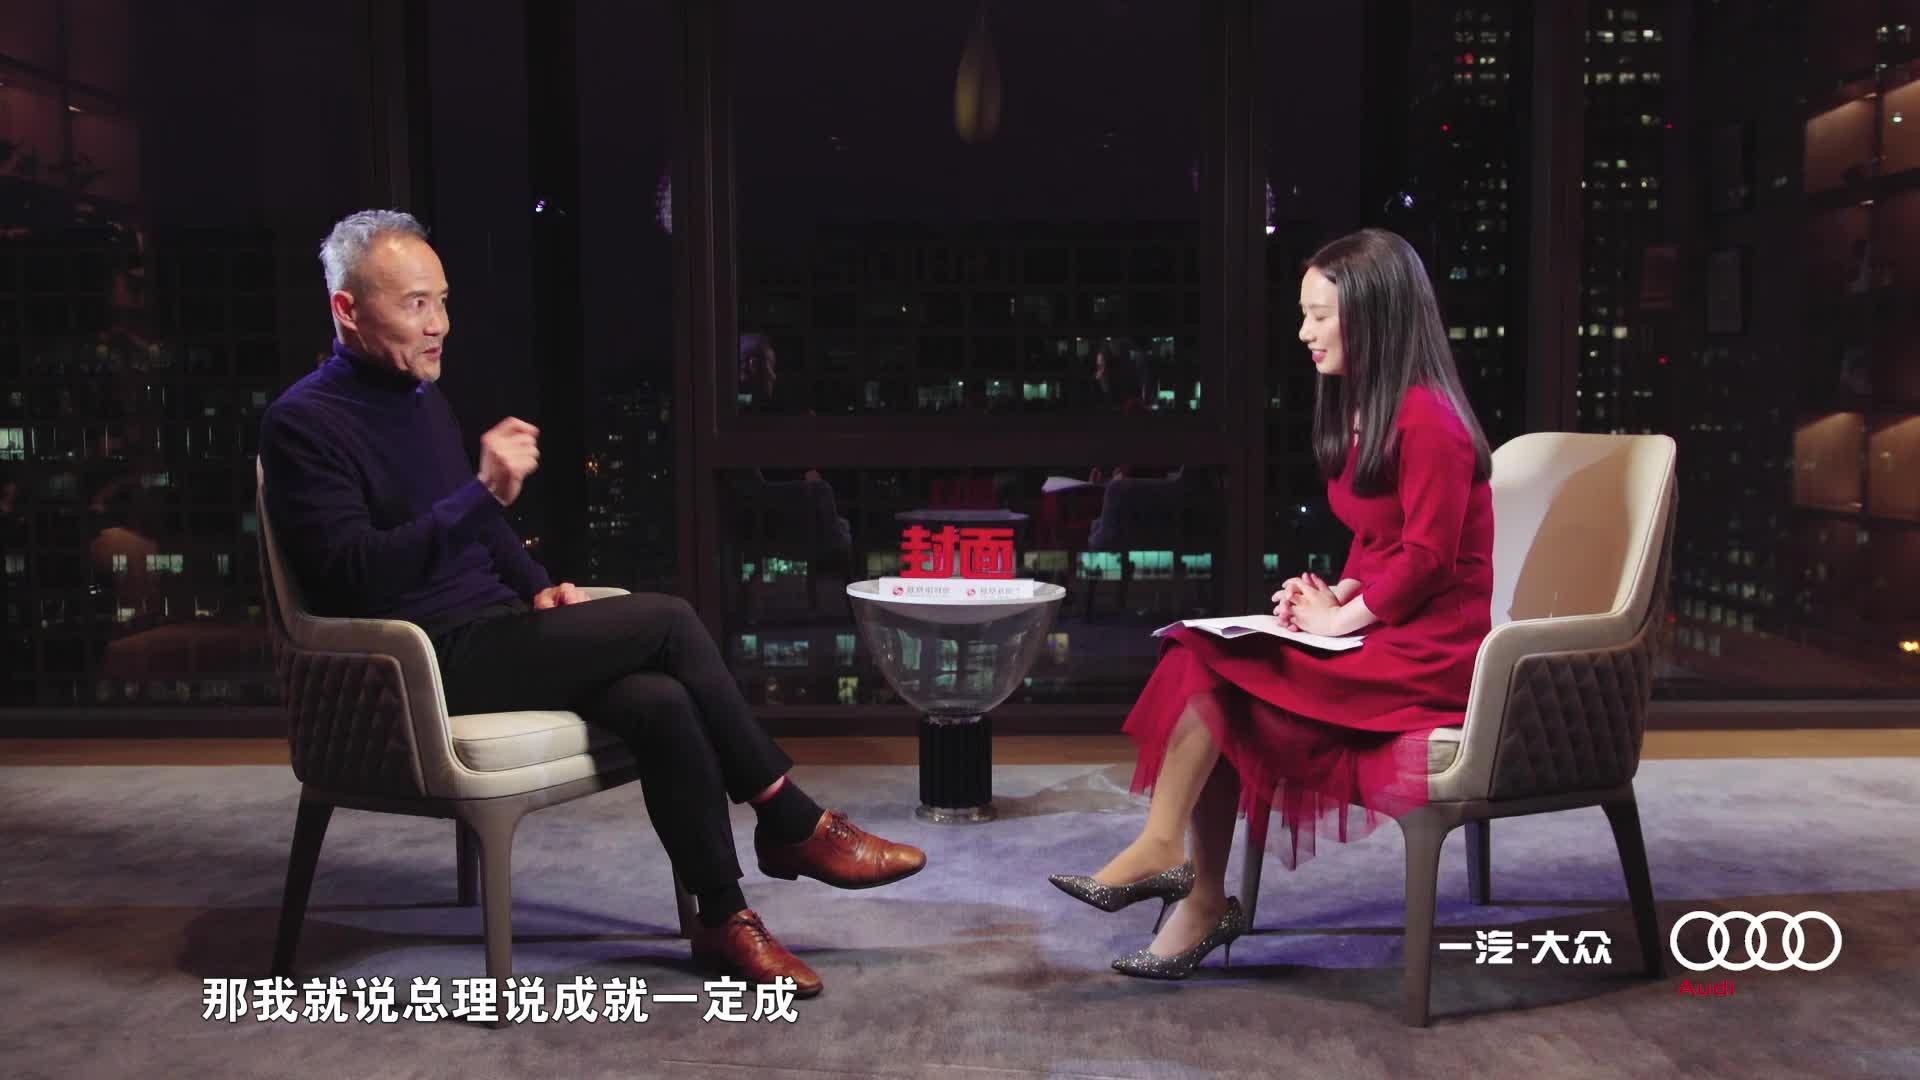 凤凰网财经《封面》  王石:我的挣扎与理想(下集)